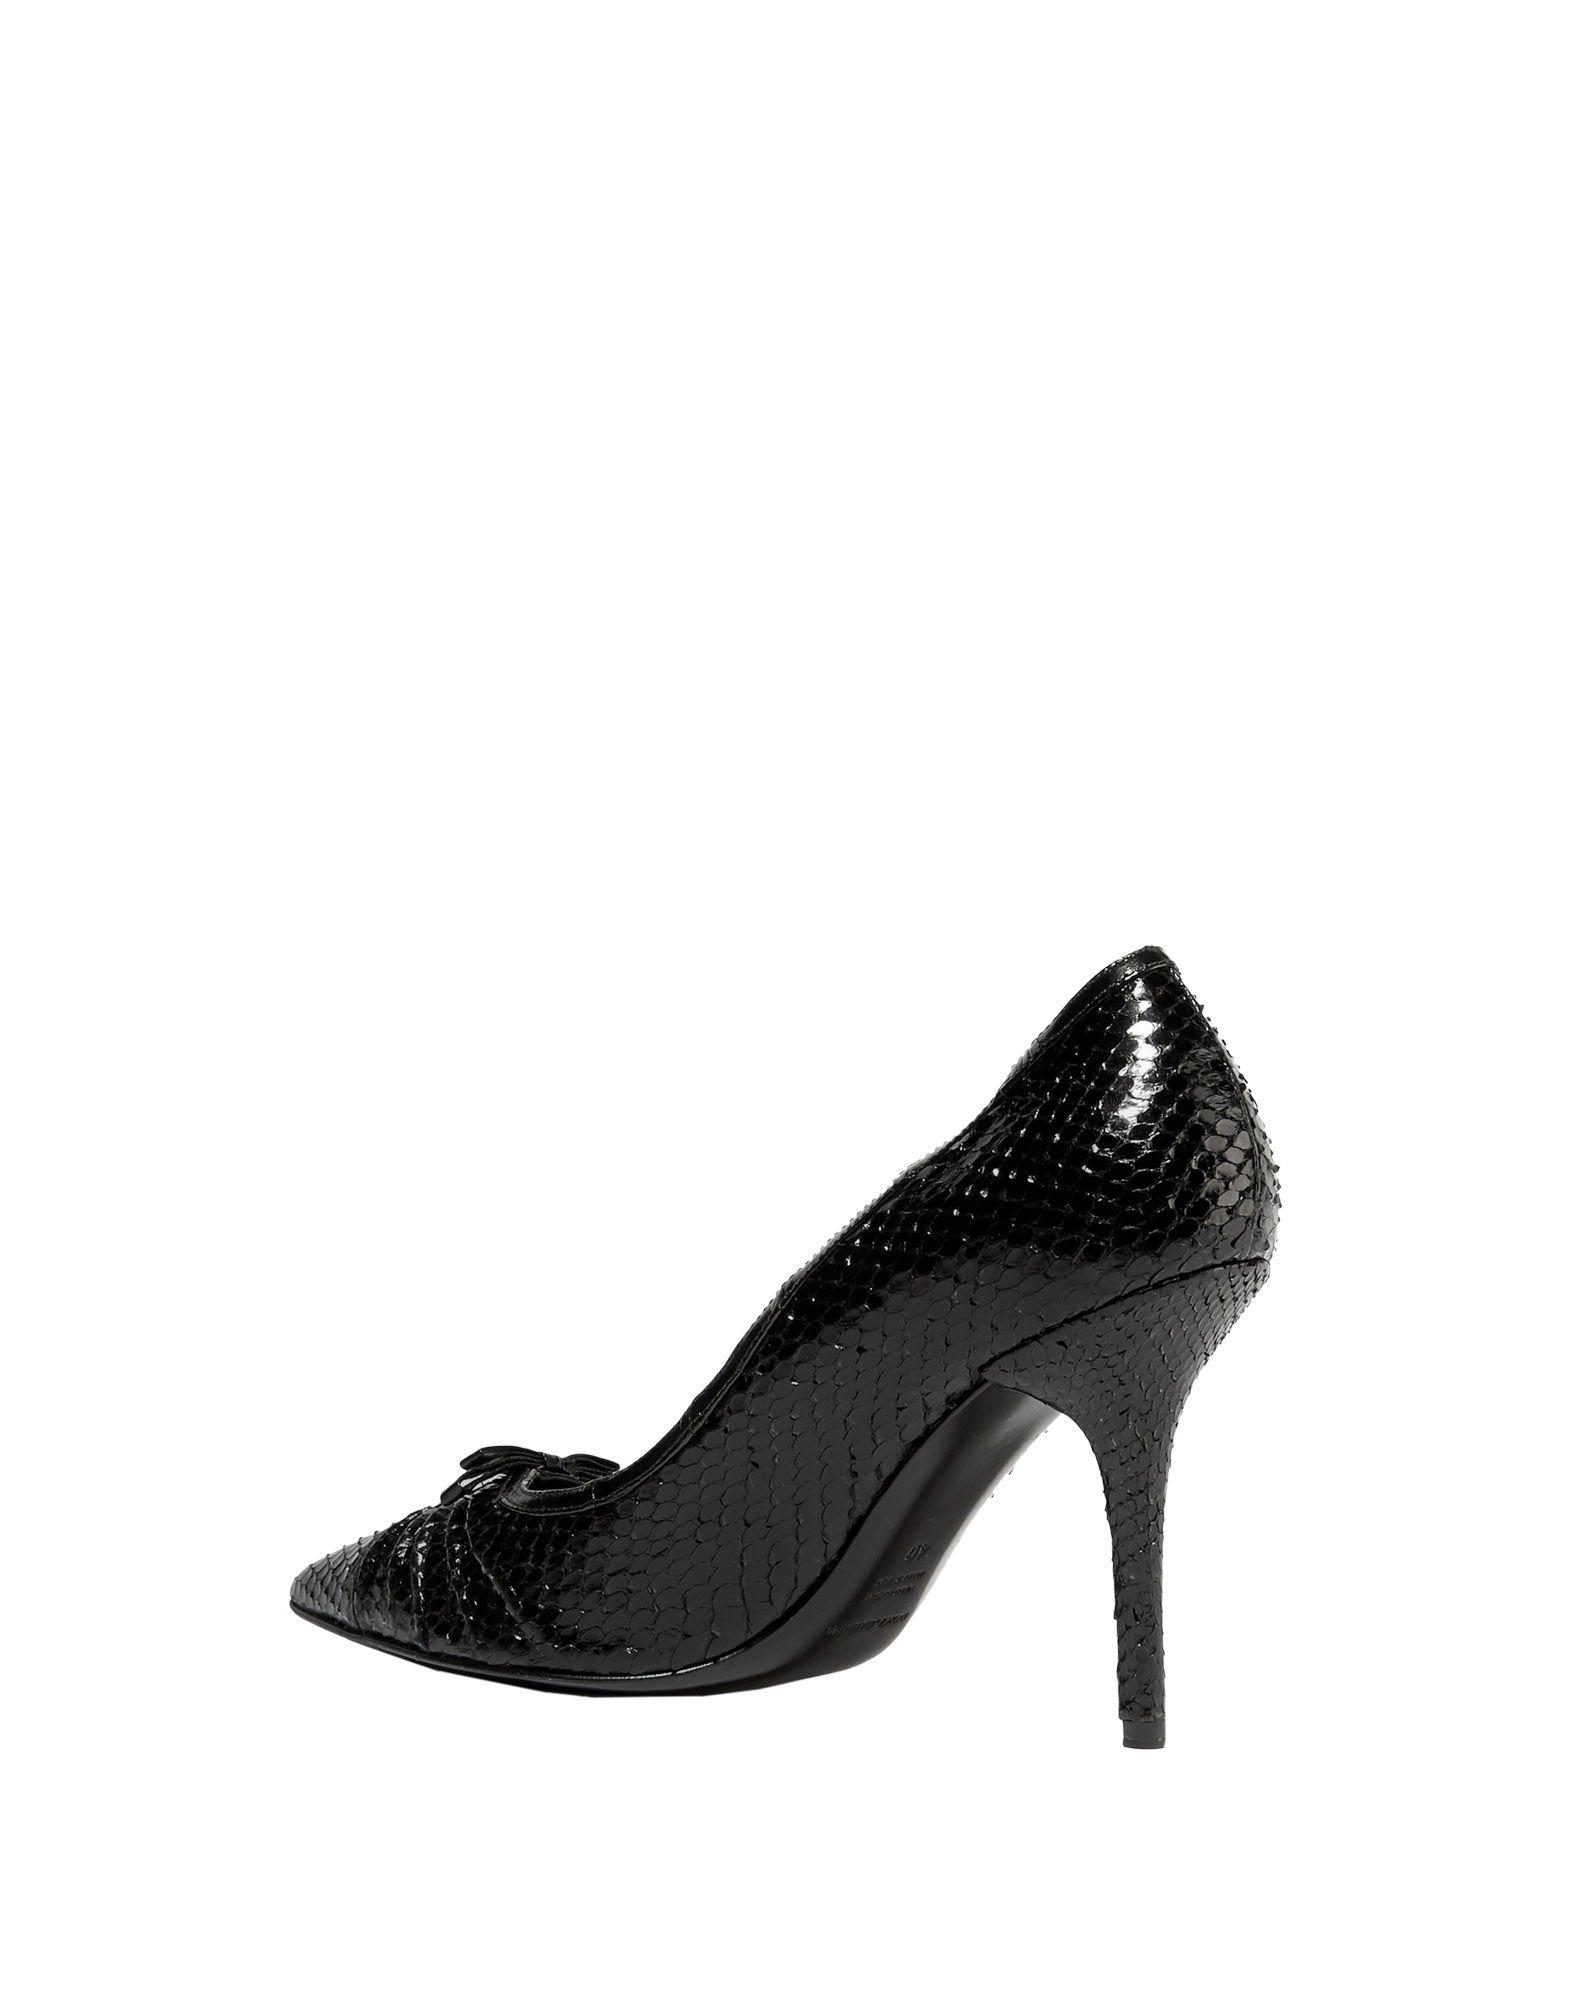 Dolce & 11514831GUGünstige Gabbana Pumps Damen  11514831GUGünstige & gut aussehende Schuhe 6aef1a